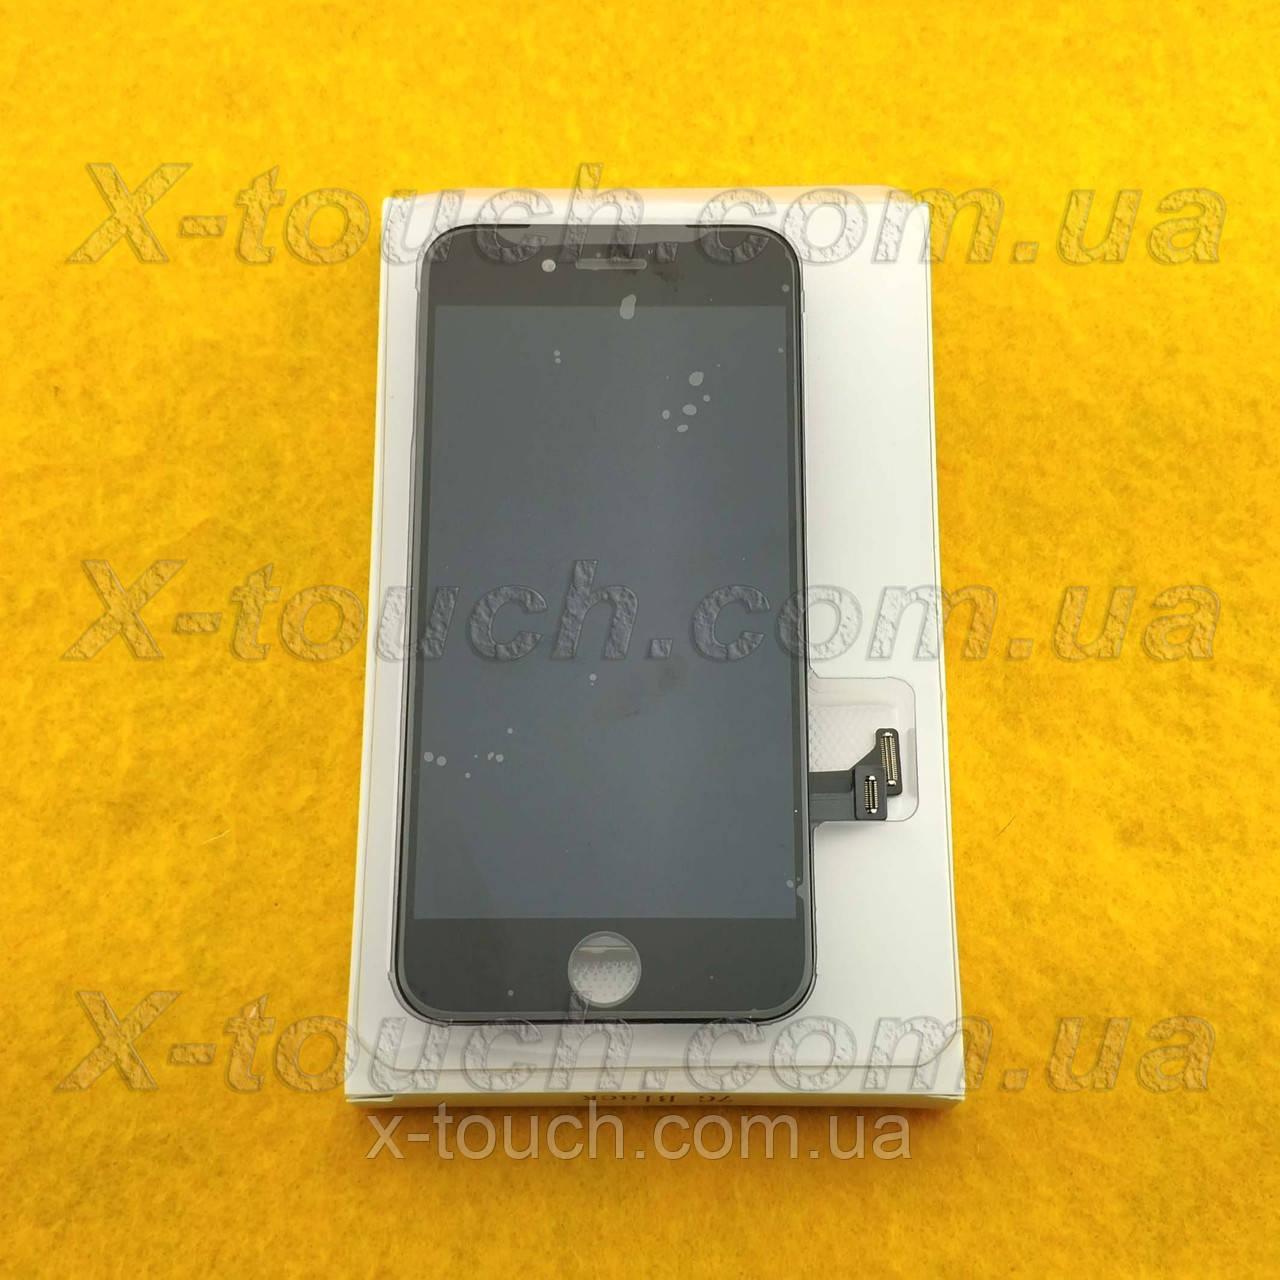 Модуль IPhone 7 дисплей (LCD) с сенсором для телефона, черный.